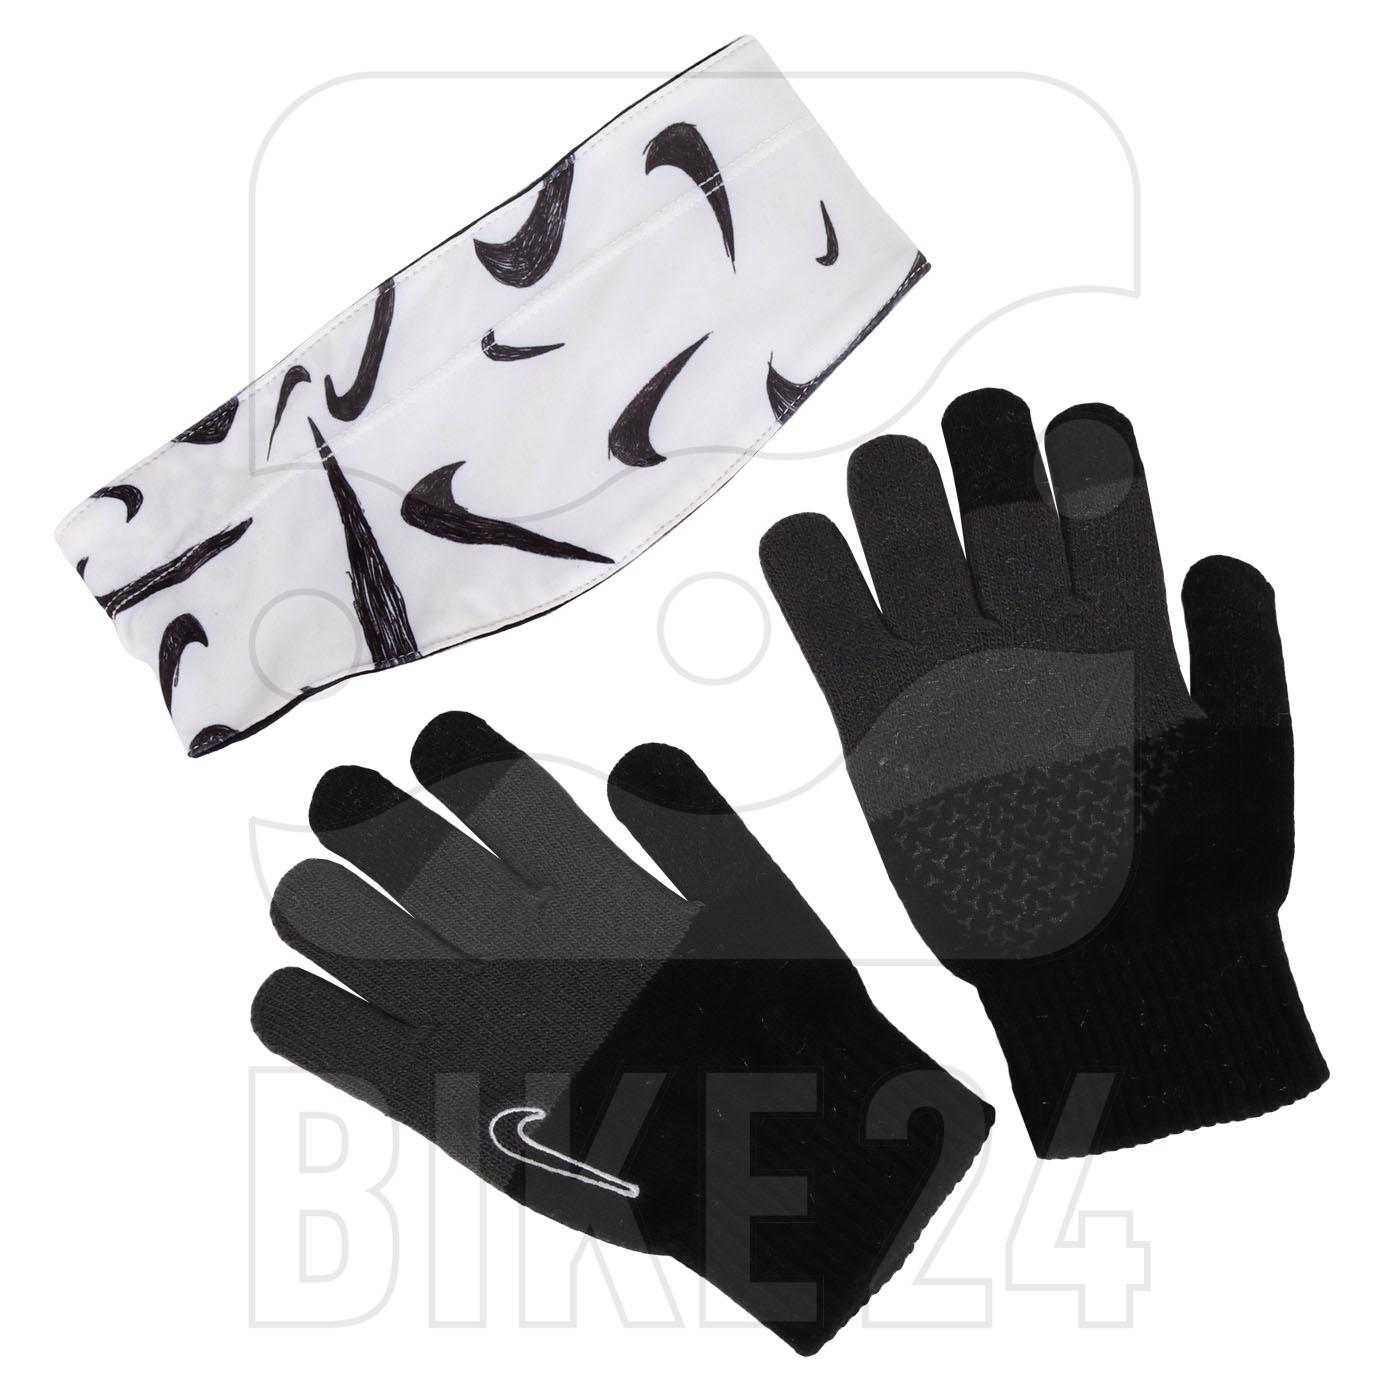 Foto de Nike Hyperstorm Cinta pelo y guantes para niños - black/black/white 955